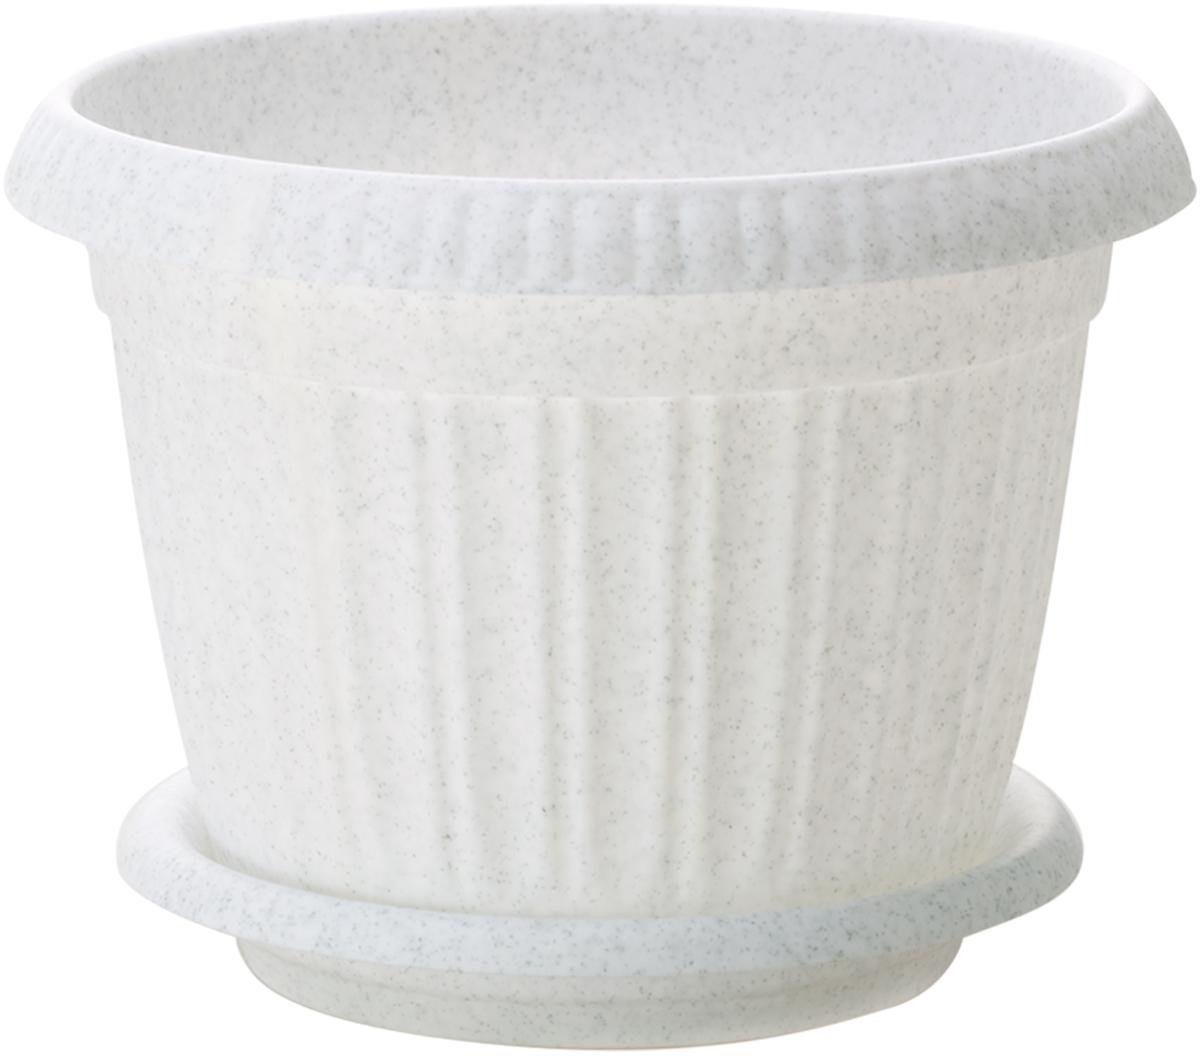 Горшок для цветов InGreen Таити, с подставкой, цвет: мраморный, диаметр 16 смING41016FМРГоршок InGreen Таити выполнен из высококачественного полипропилена (пластика) и предназначен для выращивания цветов, растений и трав. Снабжен подставкой для стока воды. Такой горшок порадует вас функциональностью, а благодаря лаконичному дизайну впишется в любой интерьер помещения. Диаметр горшка (по верхнему краю): 16 см. Высота горшка: 12,4 см.